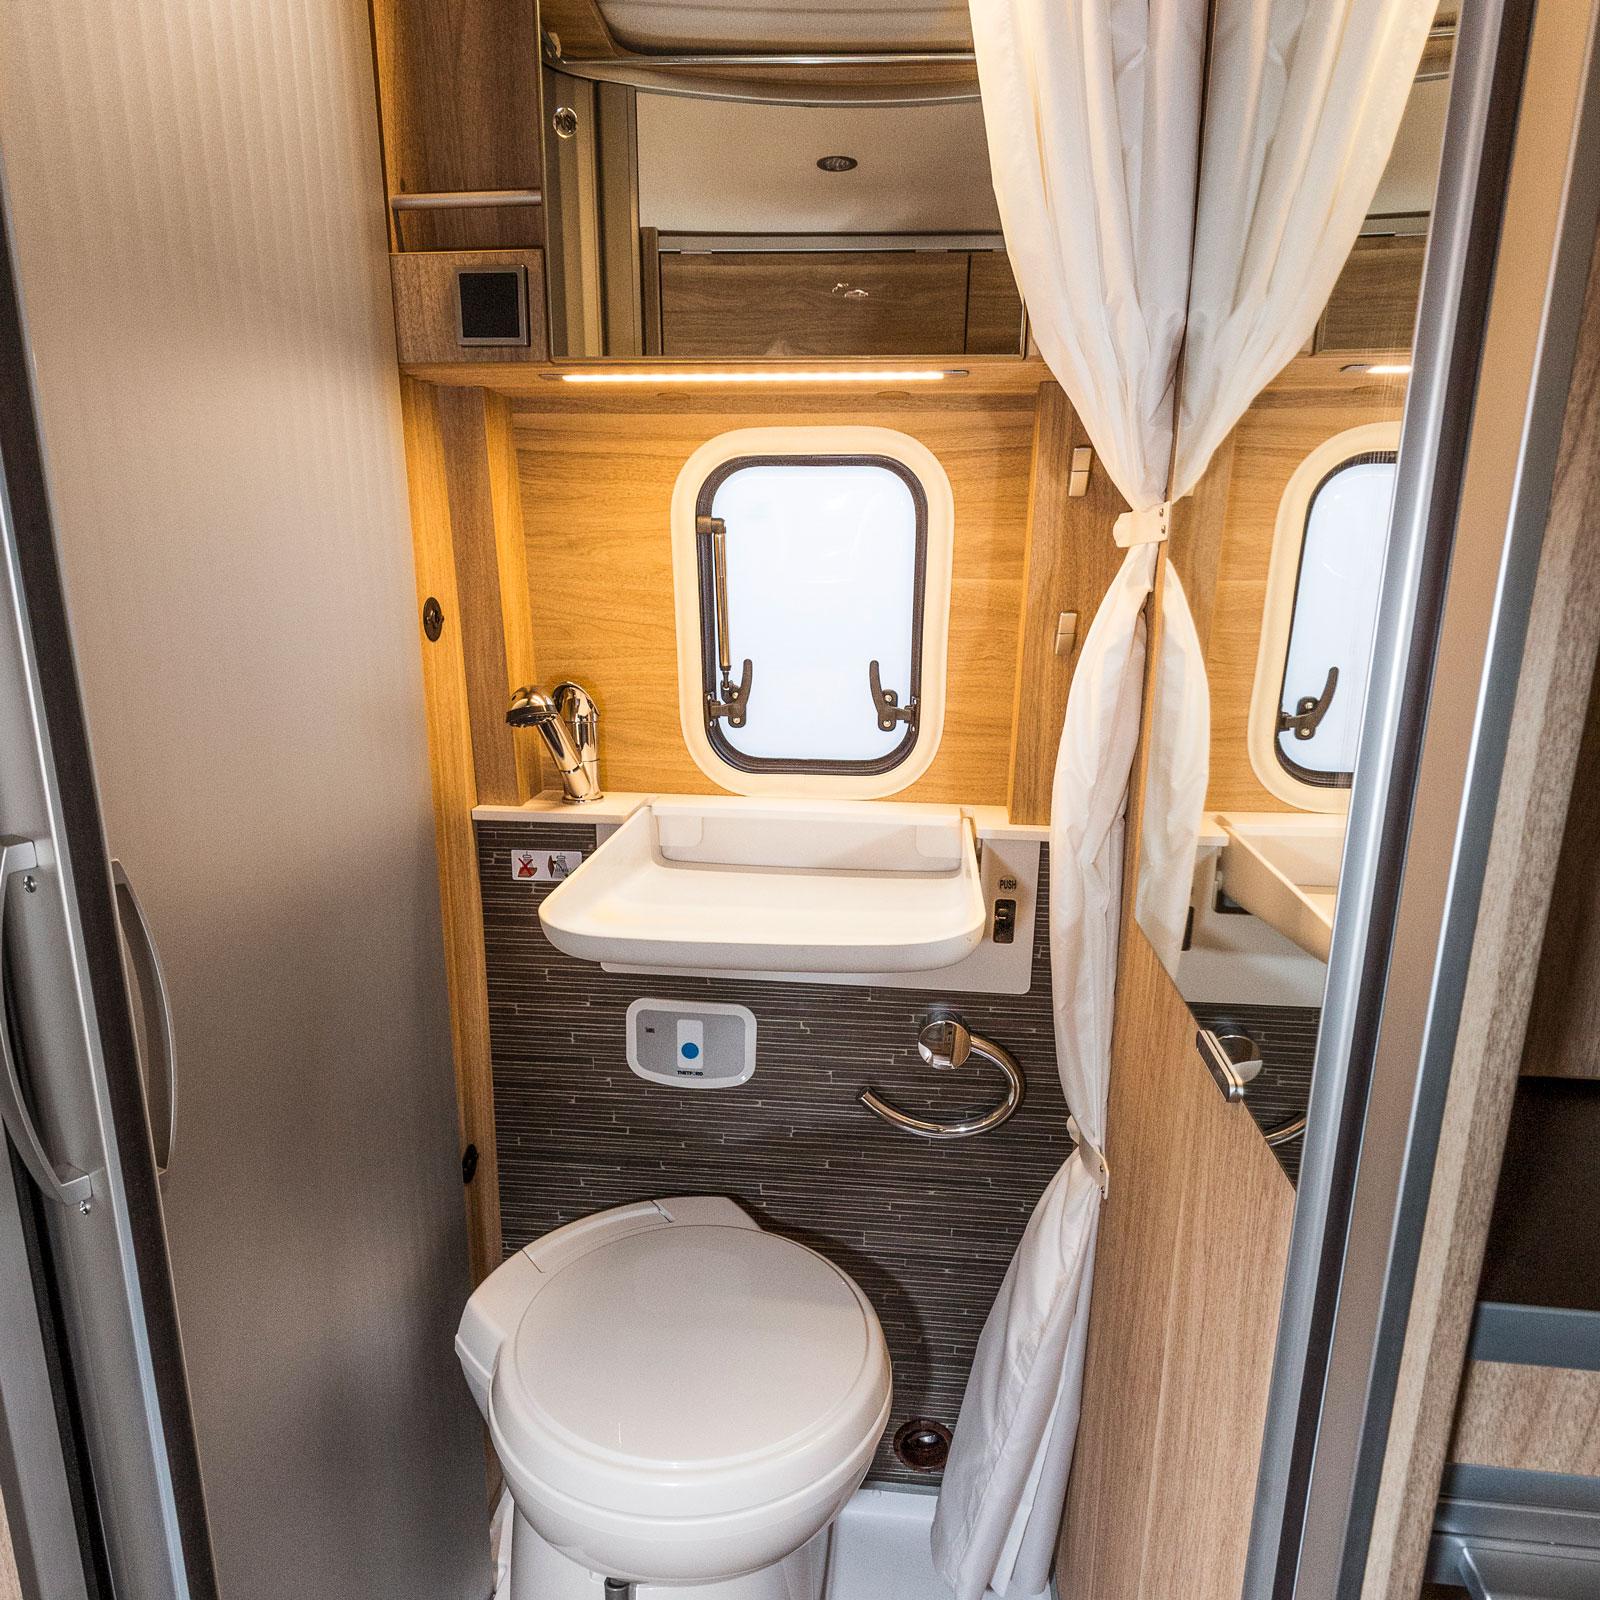 Ganska rymligt badrum för en liten bil. Handfatet kan fällas upp så det inte är i vägen vid toabesök. Duschkar finns under trallen.